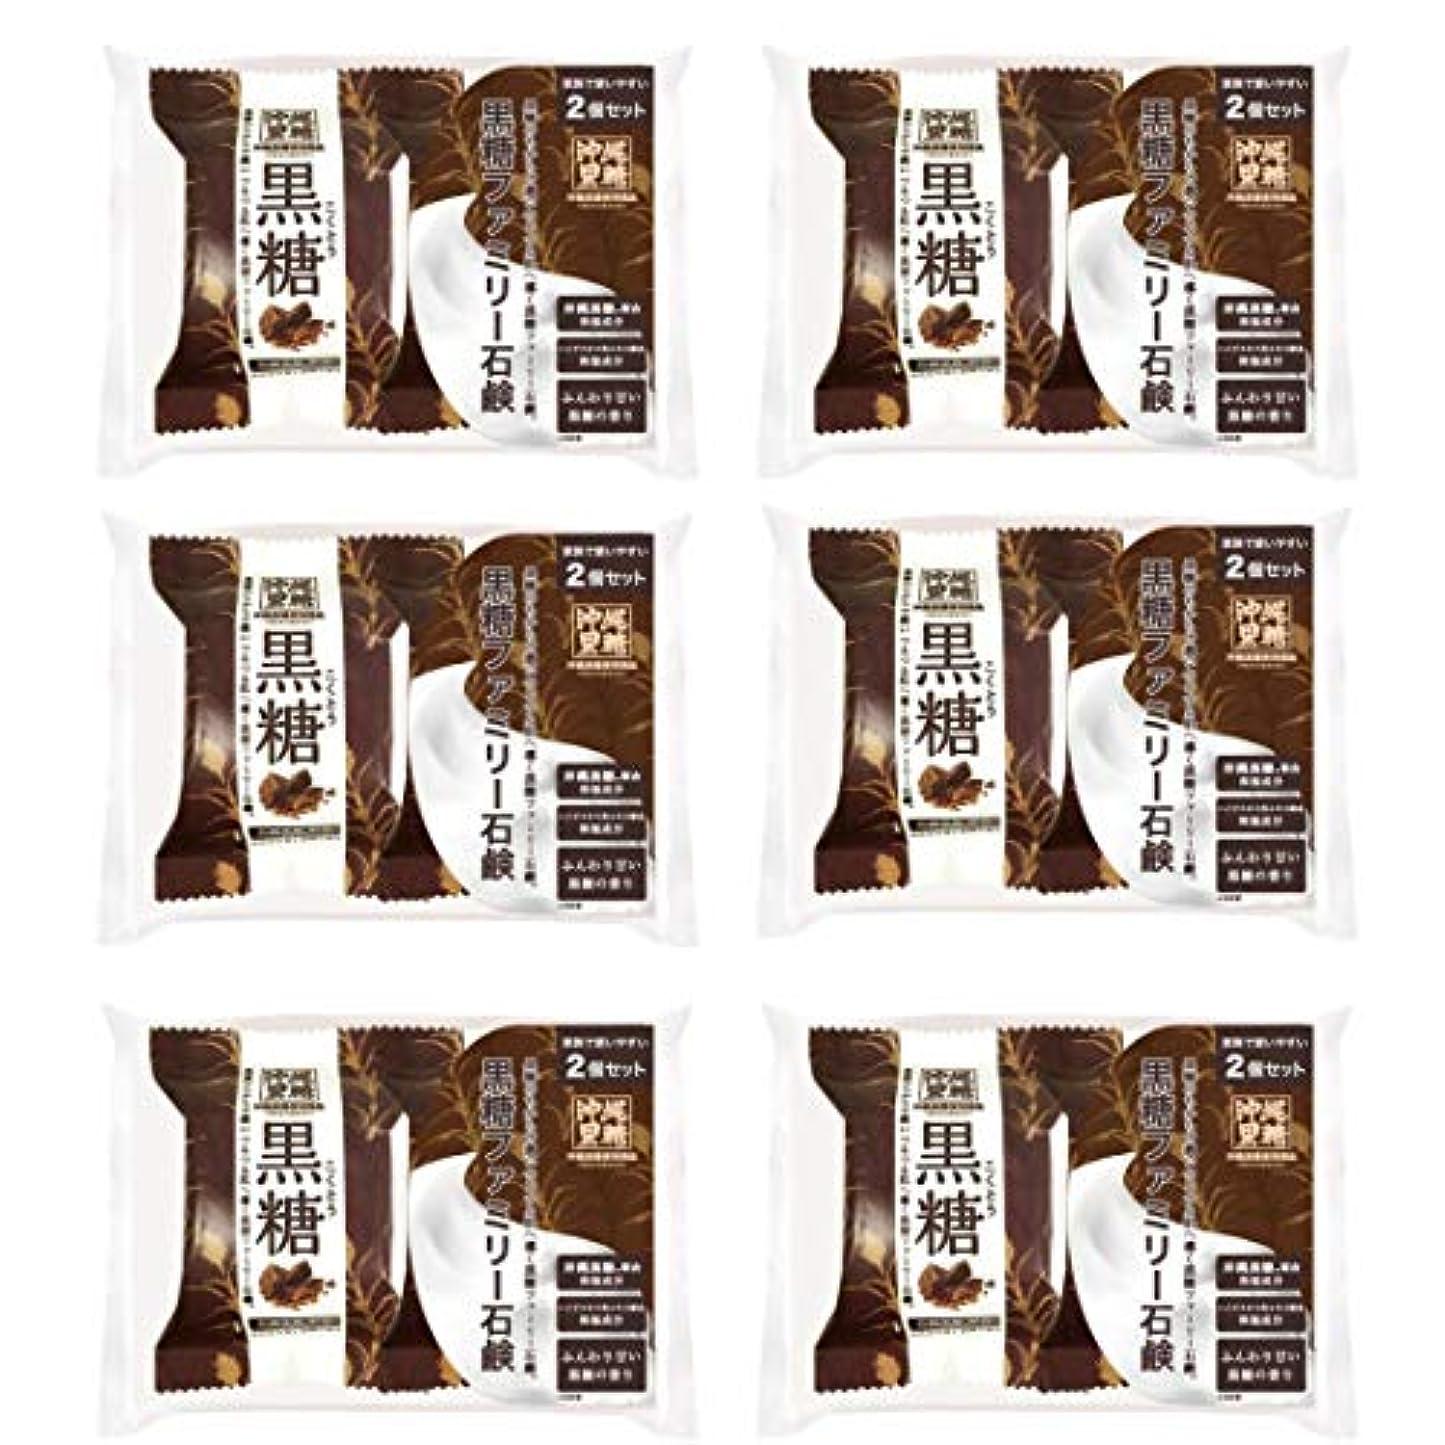 クロニクル強制的警告する【6個セット】ペリカン石鹸 ファミリー黒糖石鹸 80g×2個